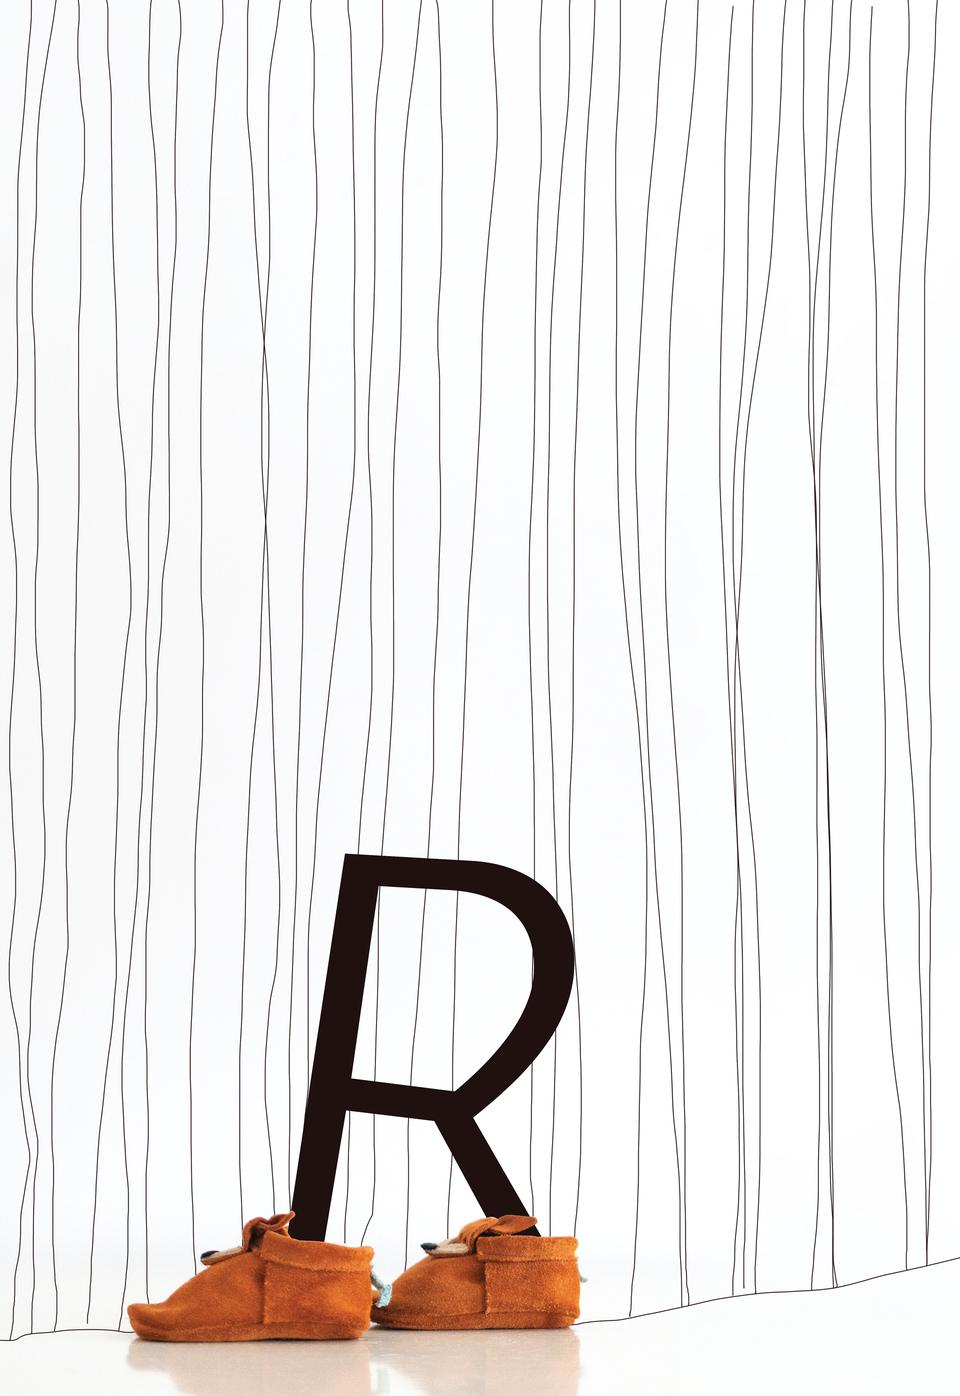 Obra Rrrrruuuuuum by Nereida Tarazona